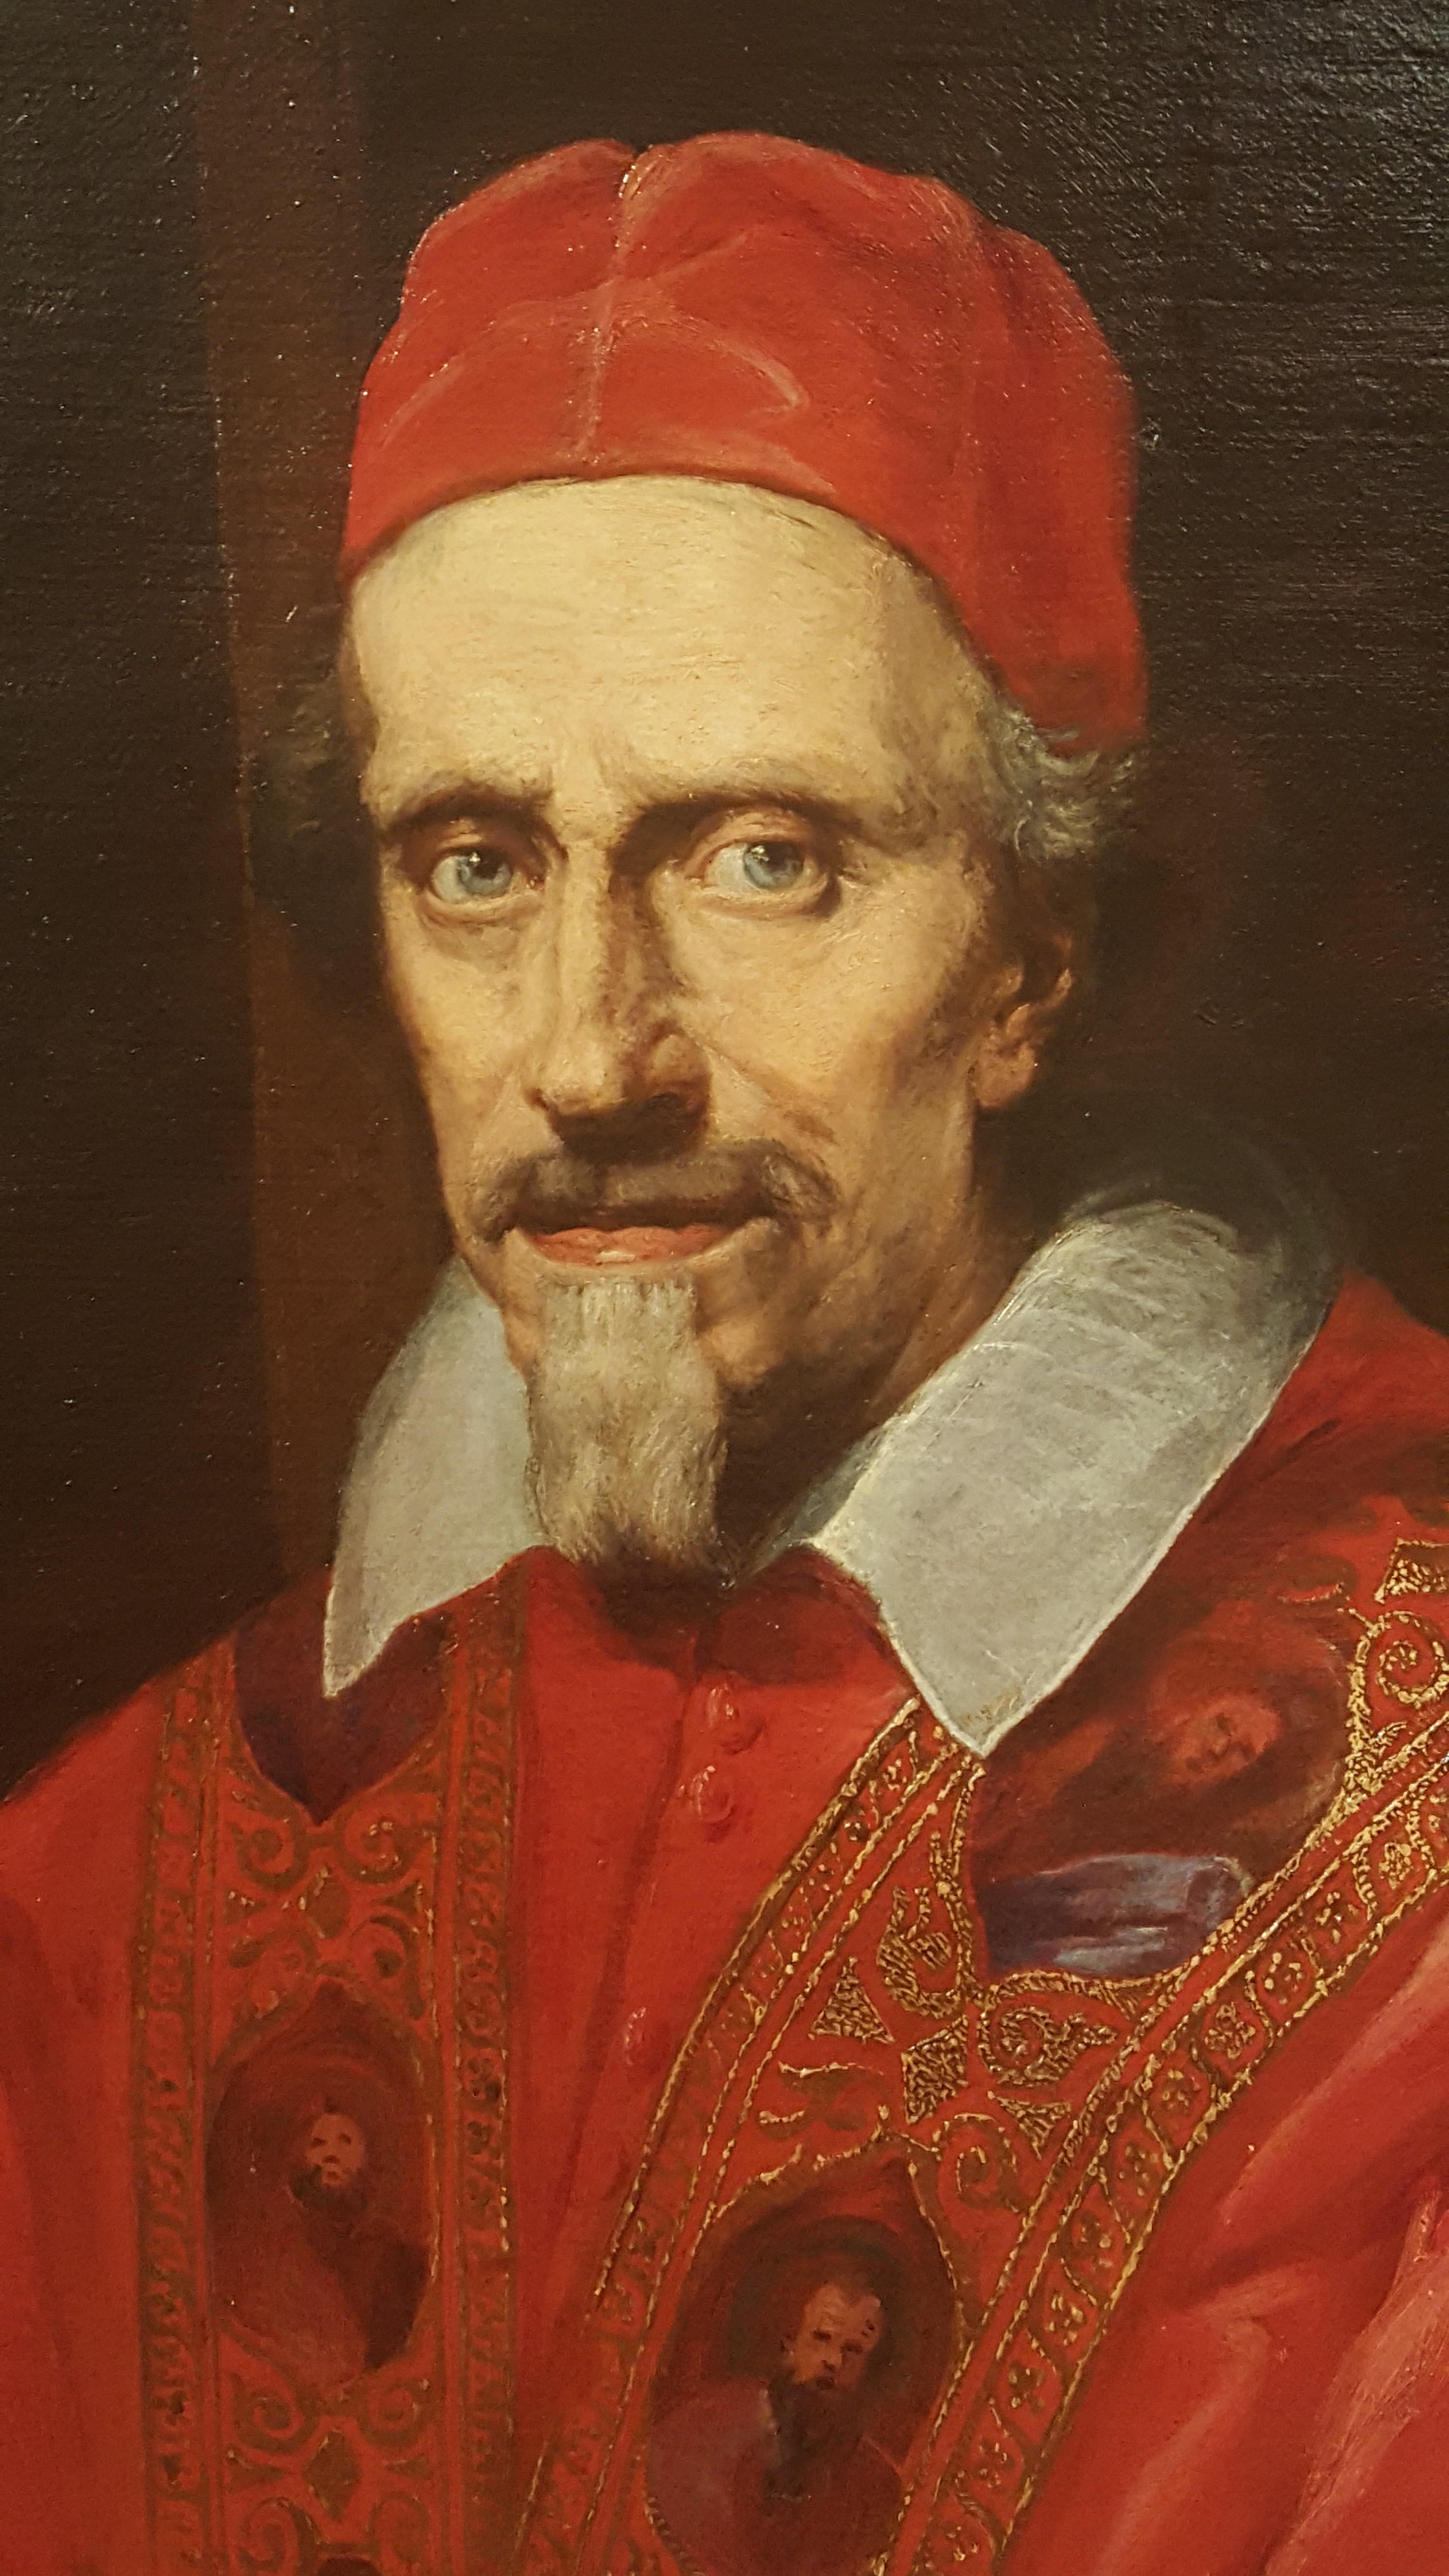 Gian Lorenzo Bernini, 'Ritratto di Clemente IX'. Collezione privata